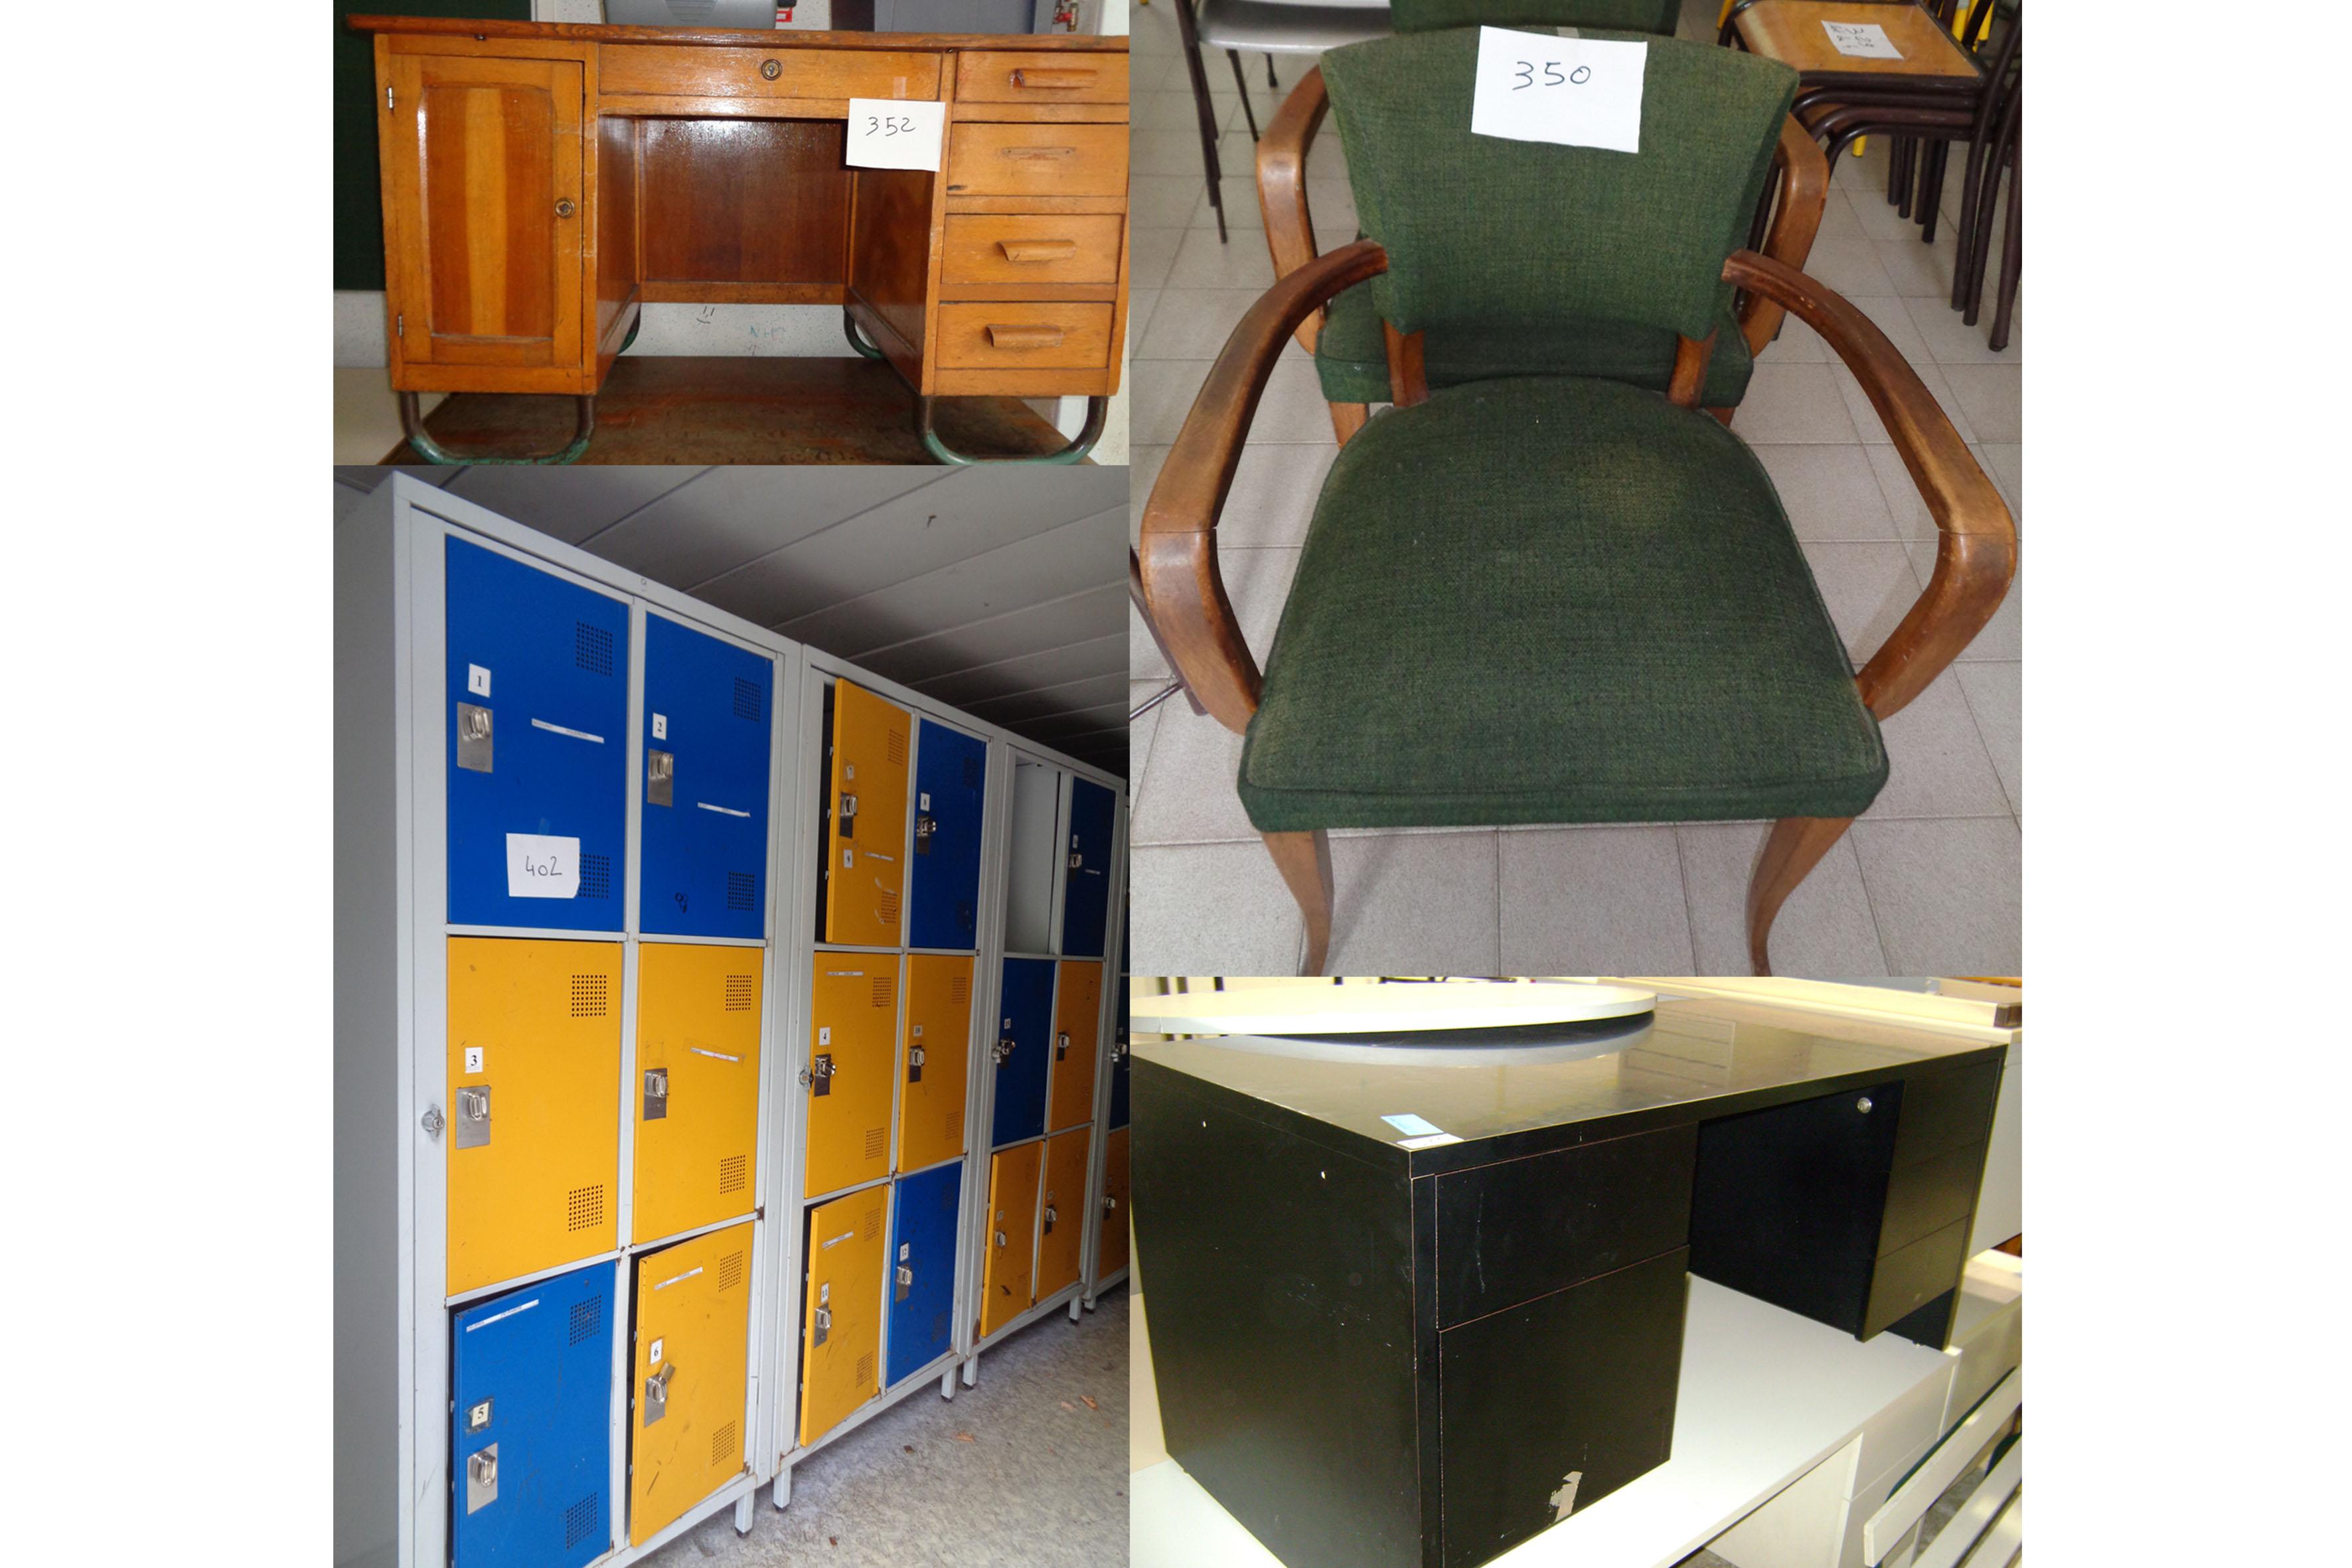 ancien collège de luzech : grande vente aux enchères du mobilier et